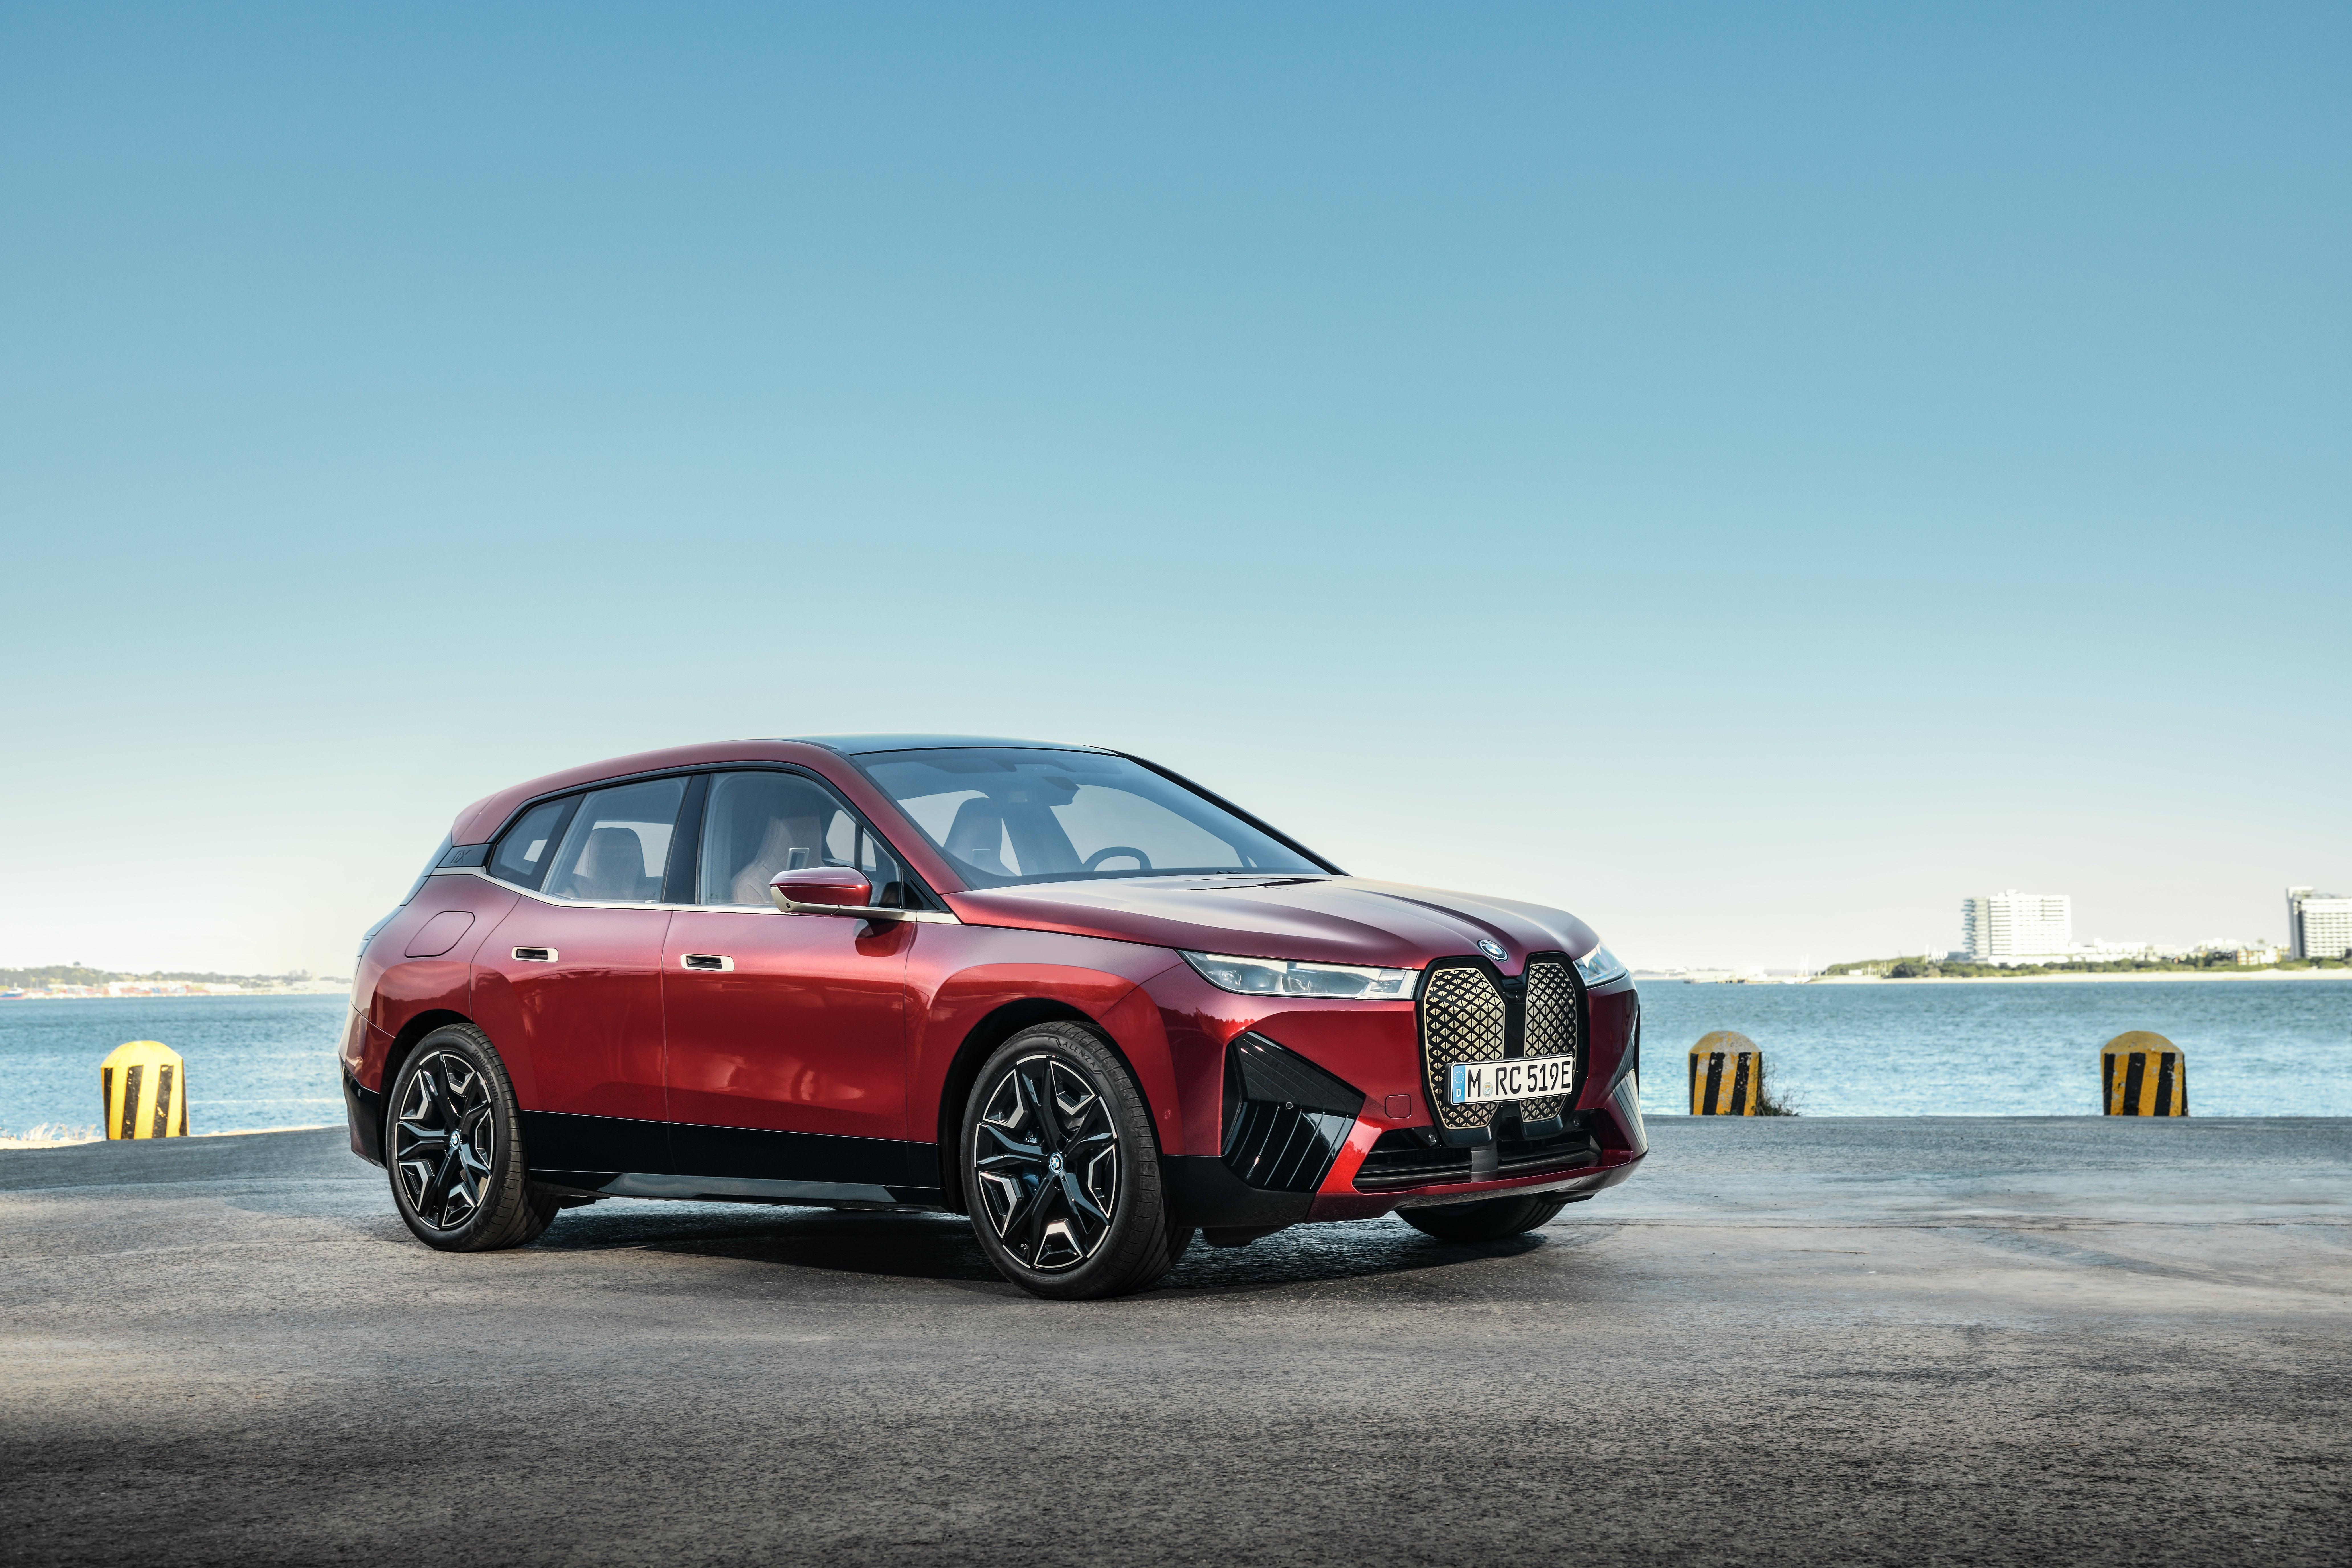 The 2022 BMW iX.